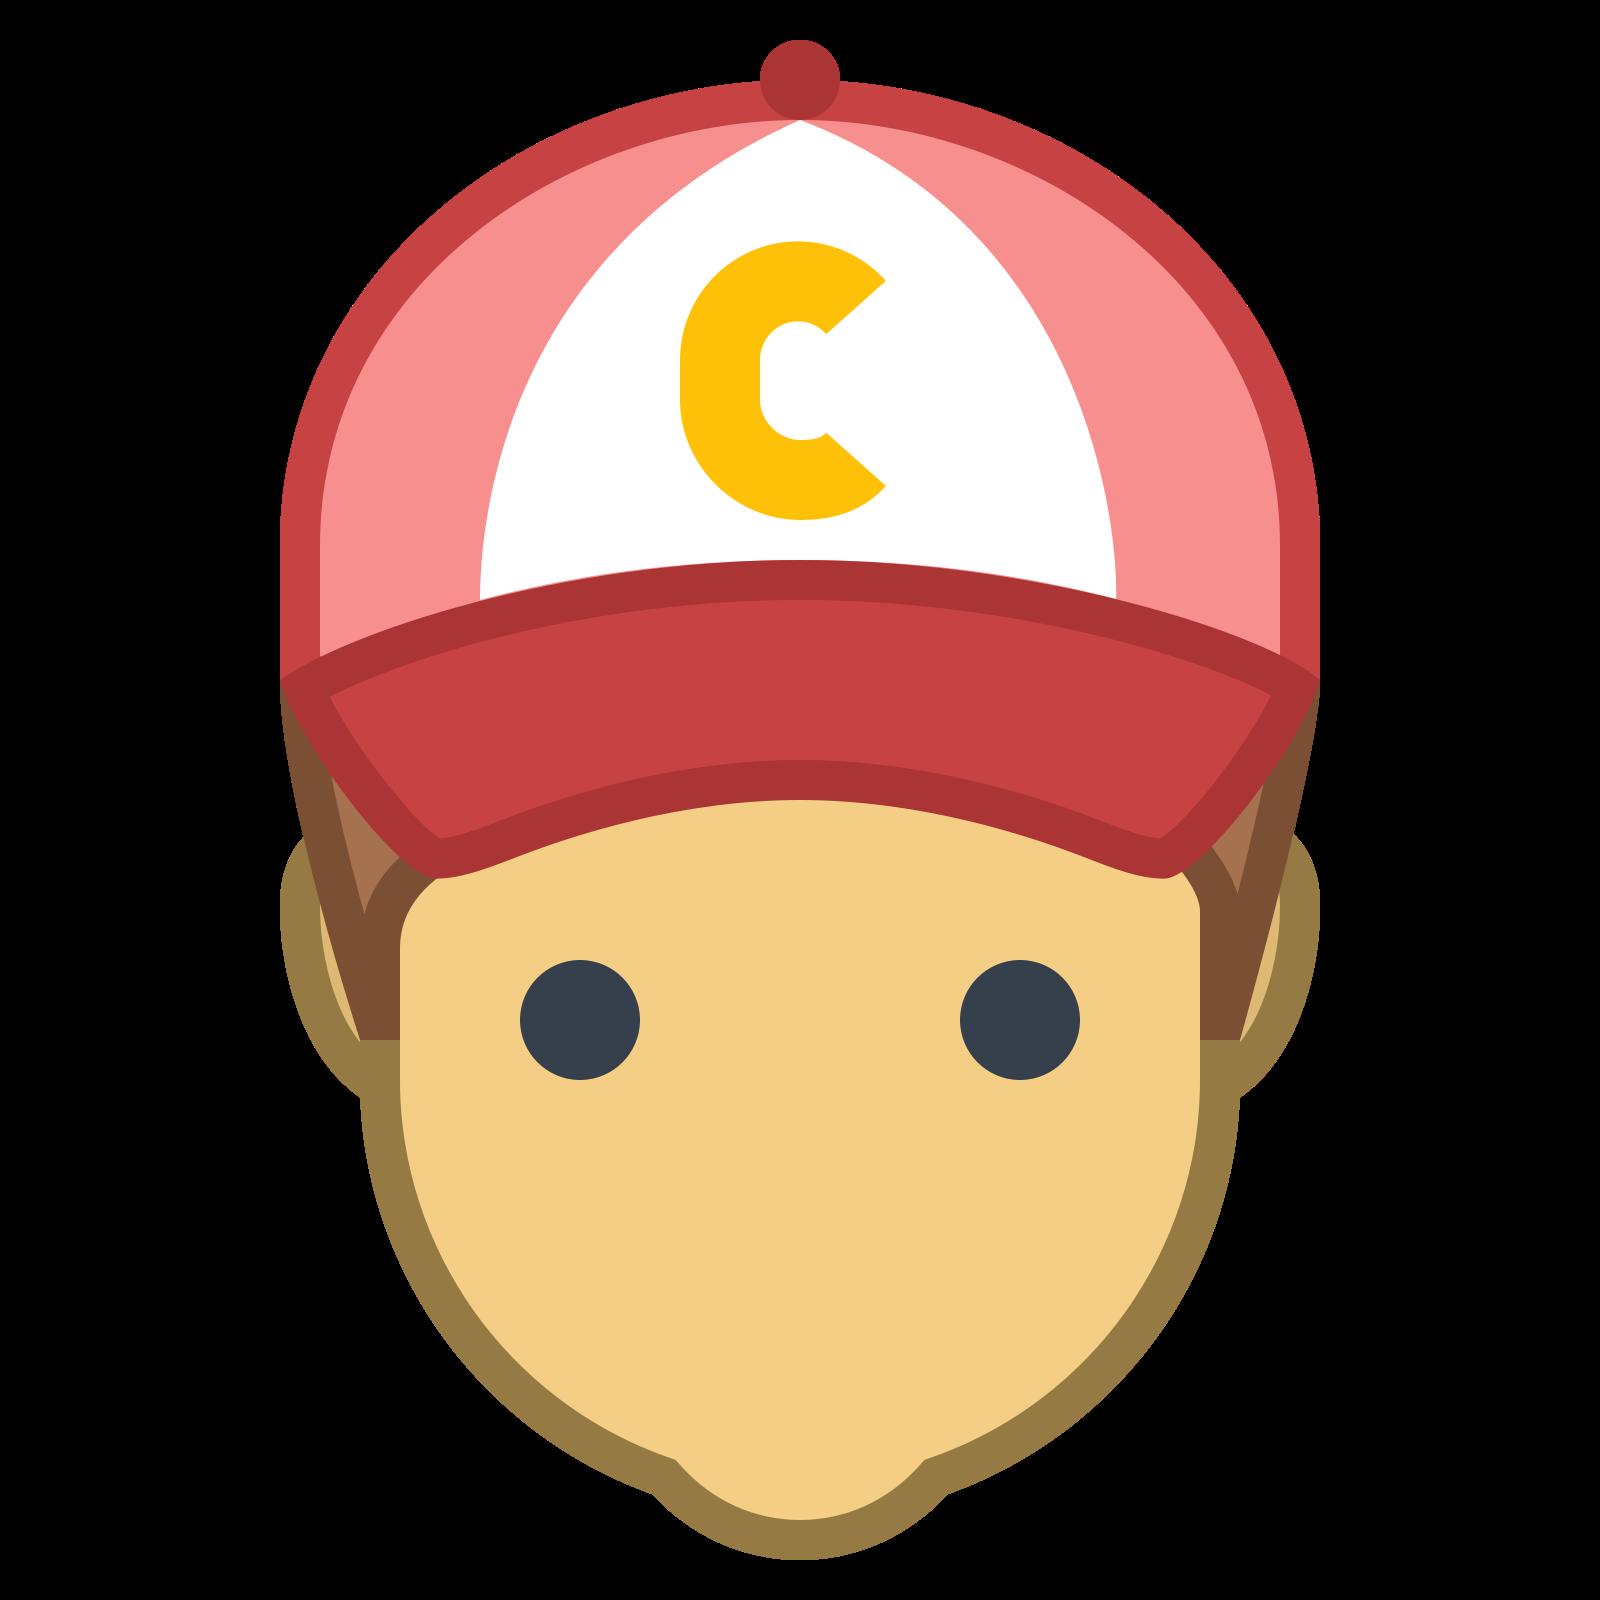 教练 icon